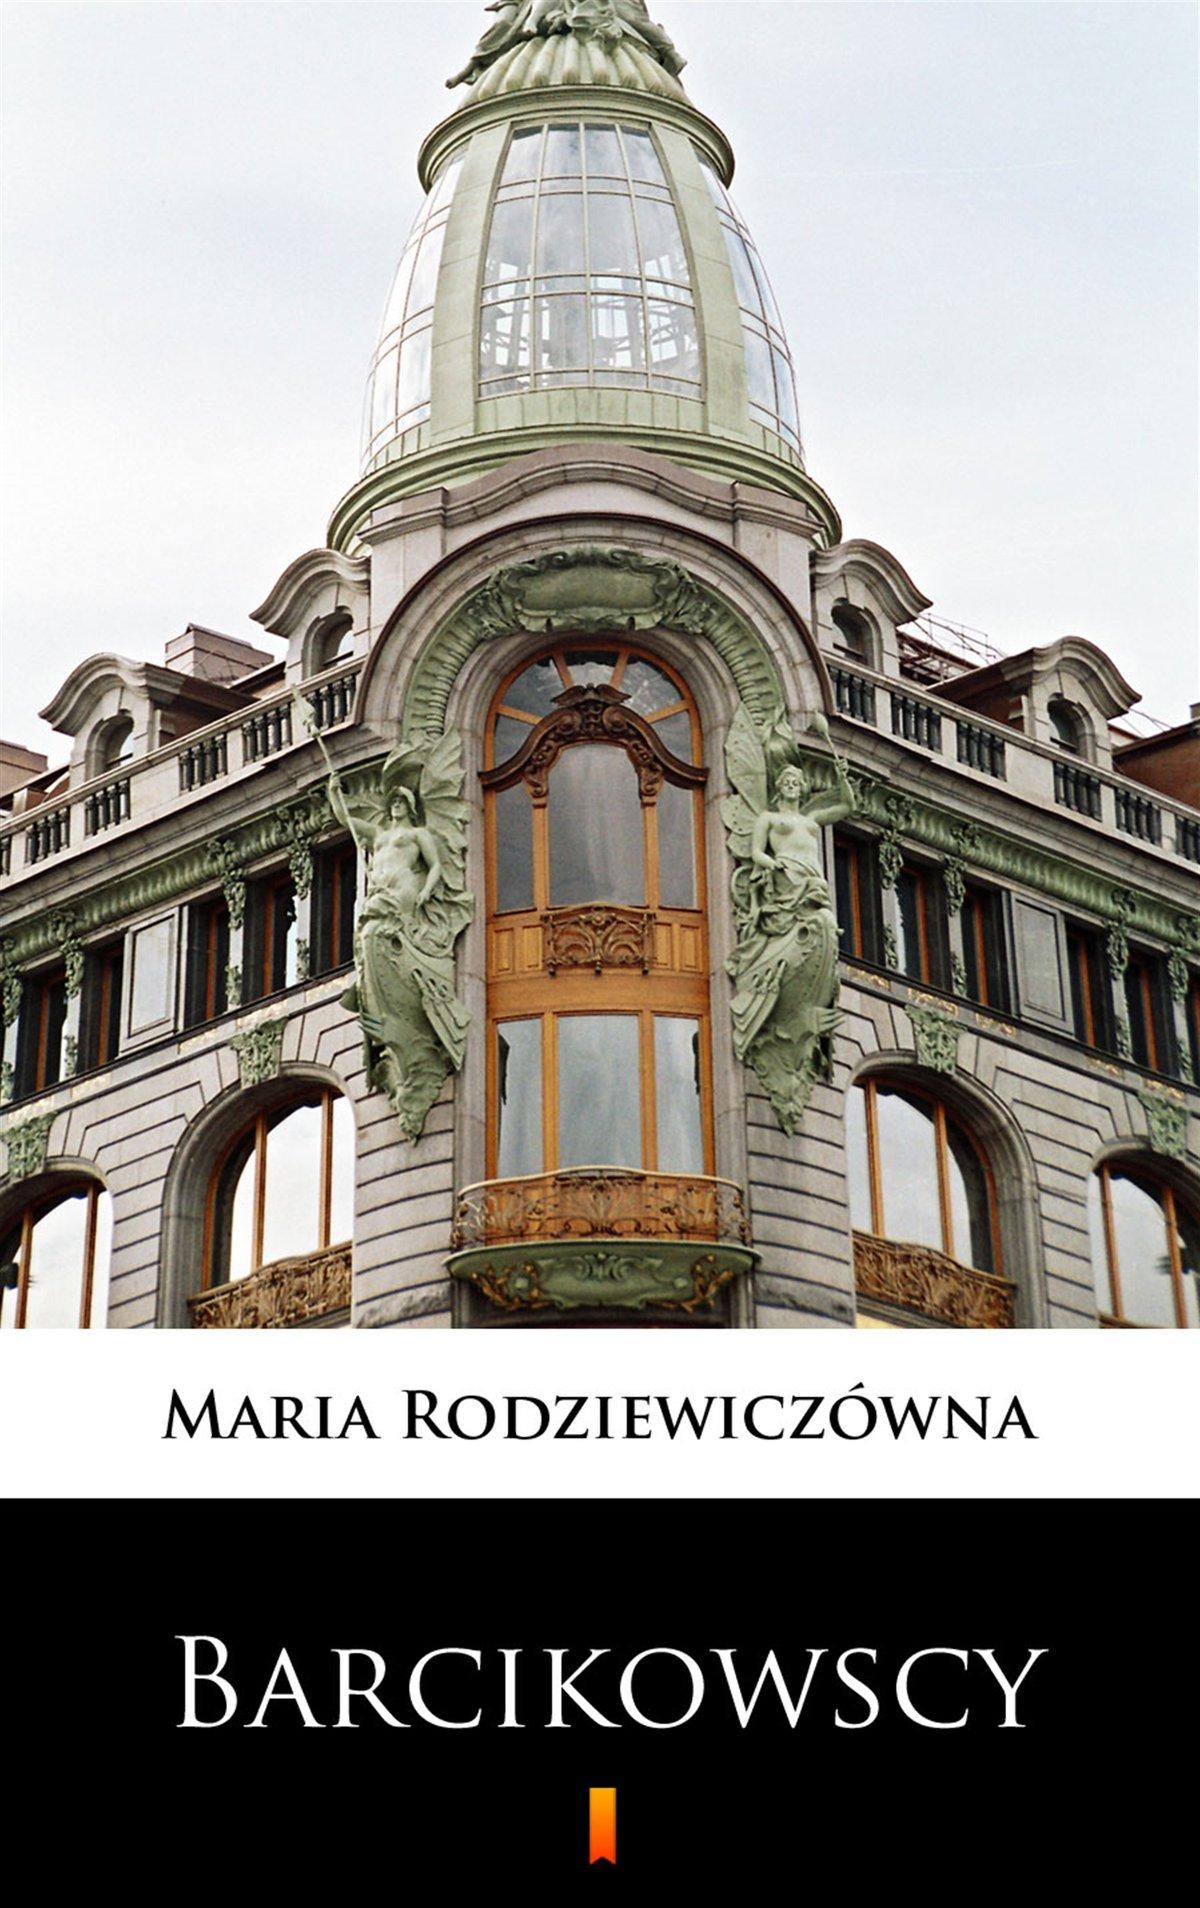 Barcikowscy - Ebook (Książka EPUB) do pobrania w formacie EPUB